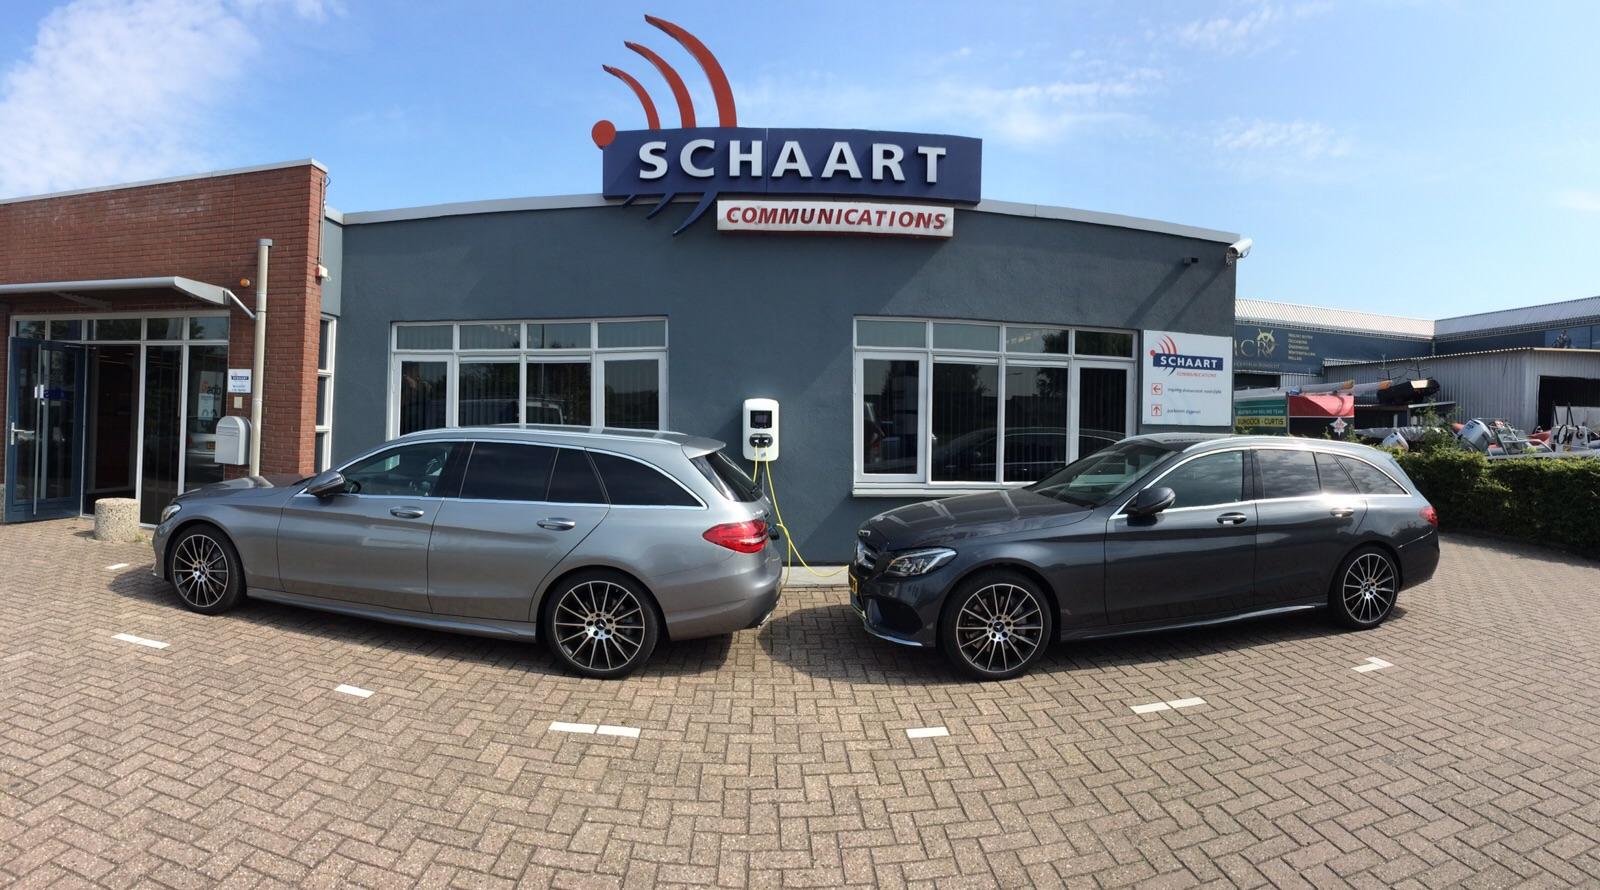 Vanleeuwenoplaad.nl installeerde het oplaadpunt voor elektrische autos bij Schaart